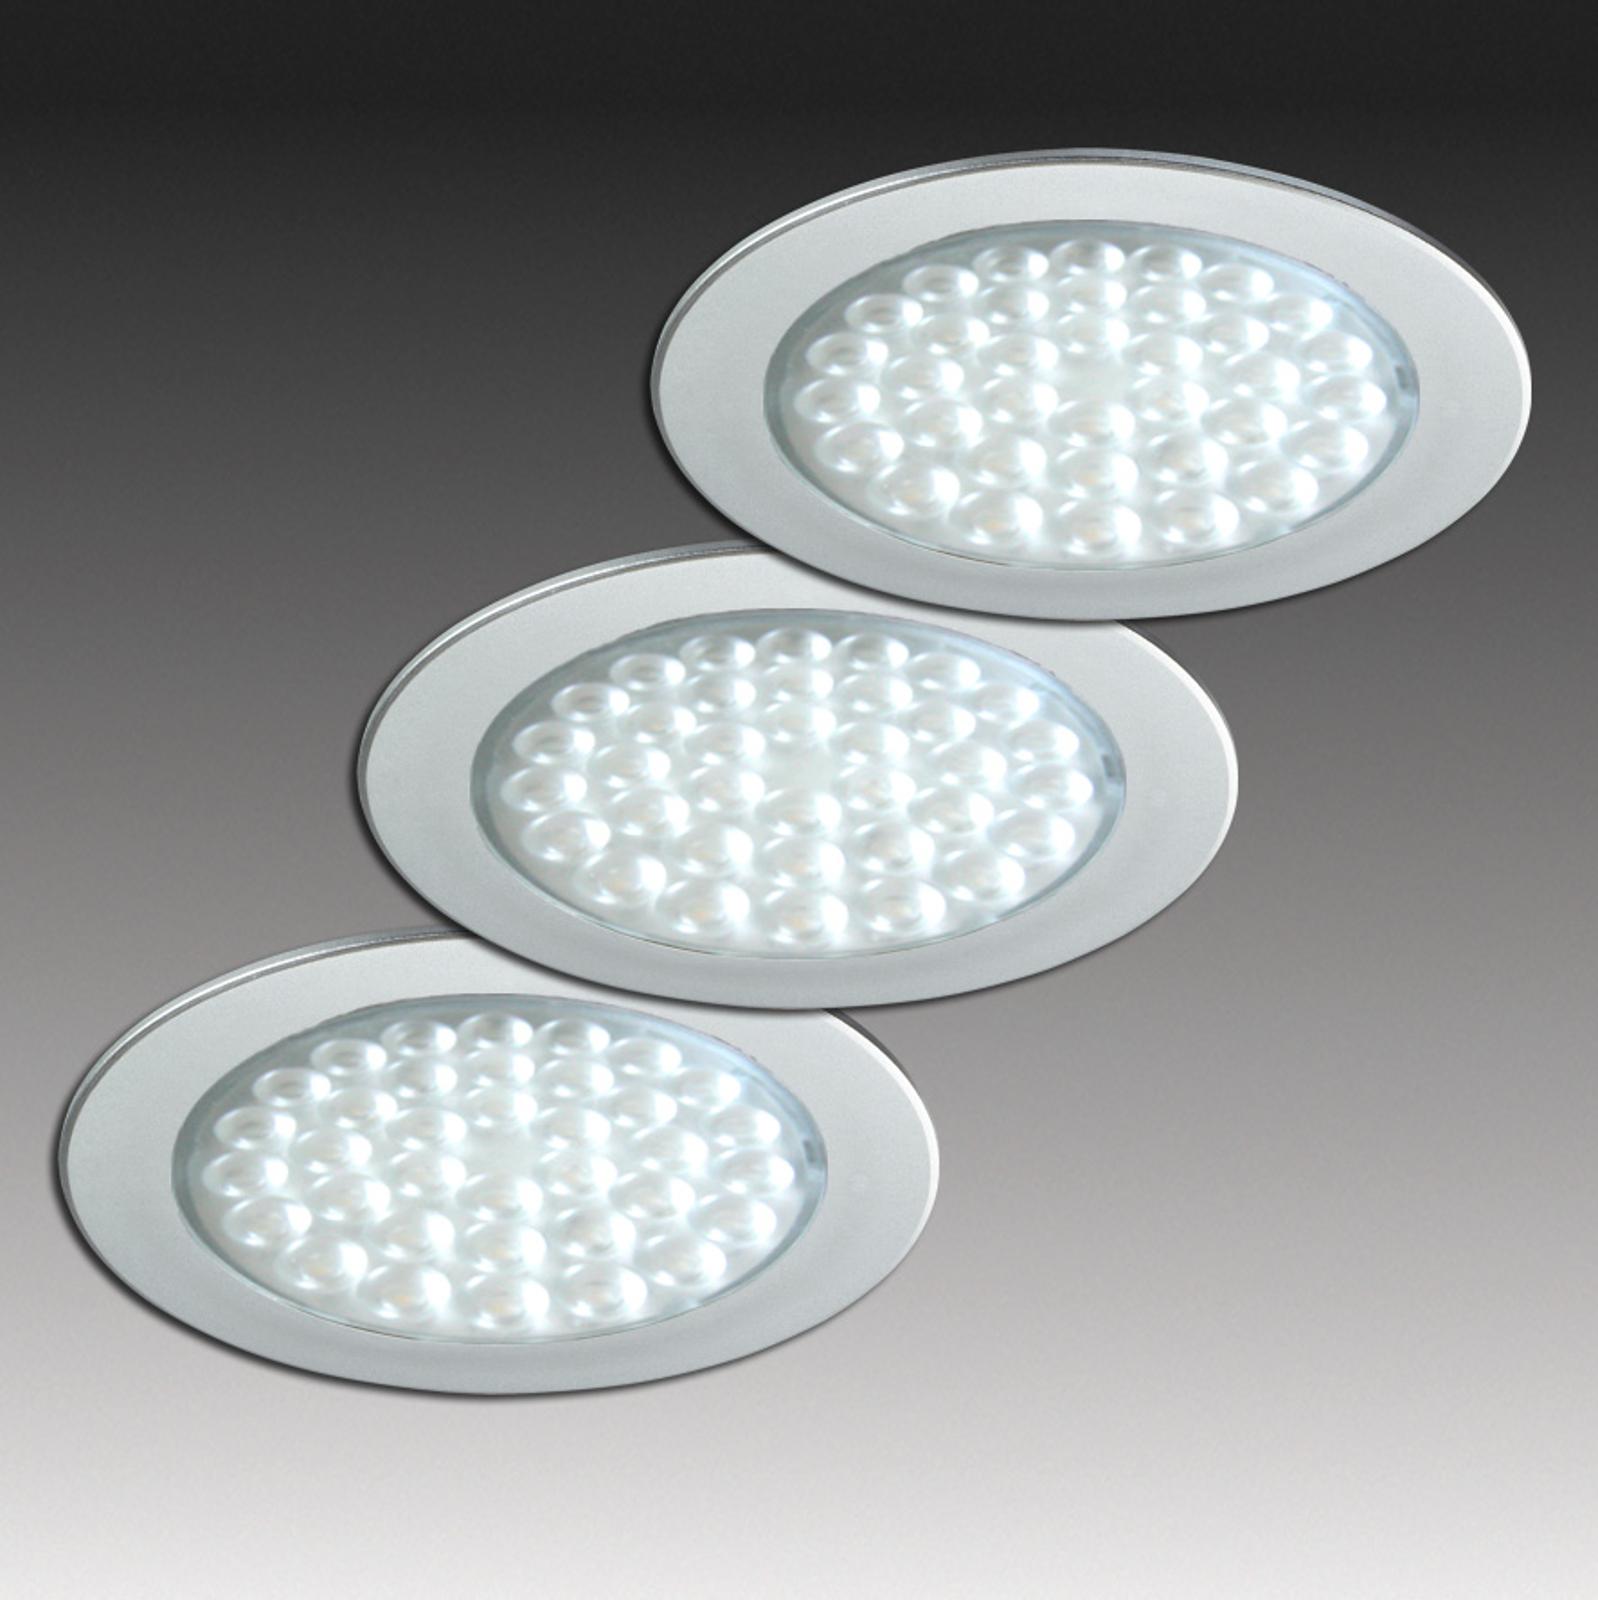 R 68-LED indbyggelig spot i ædelståloptik, 3 stk.